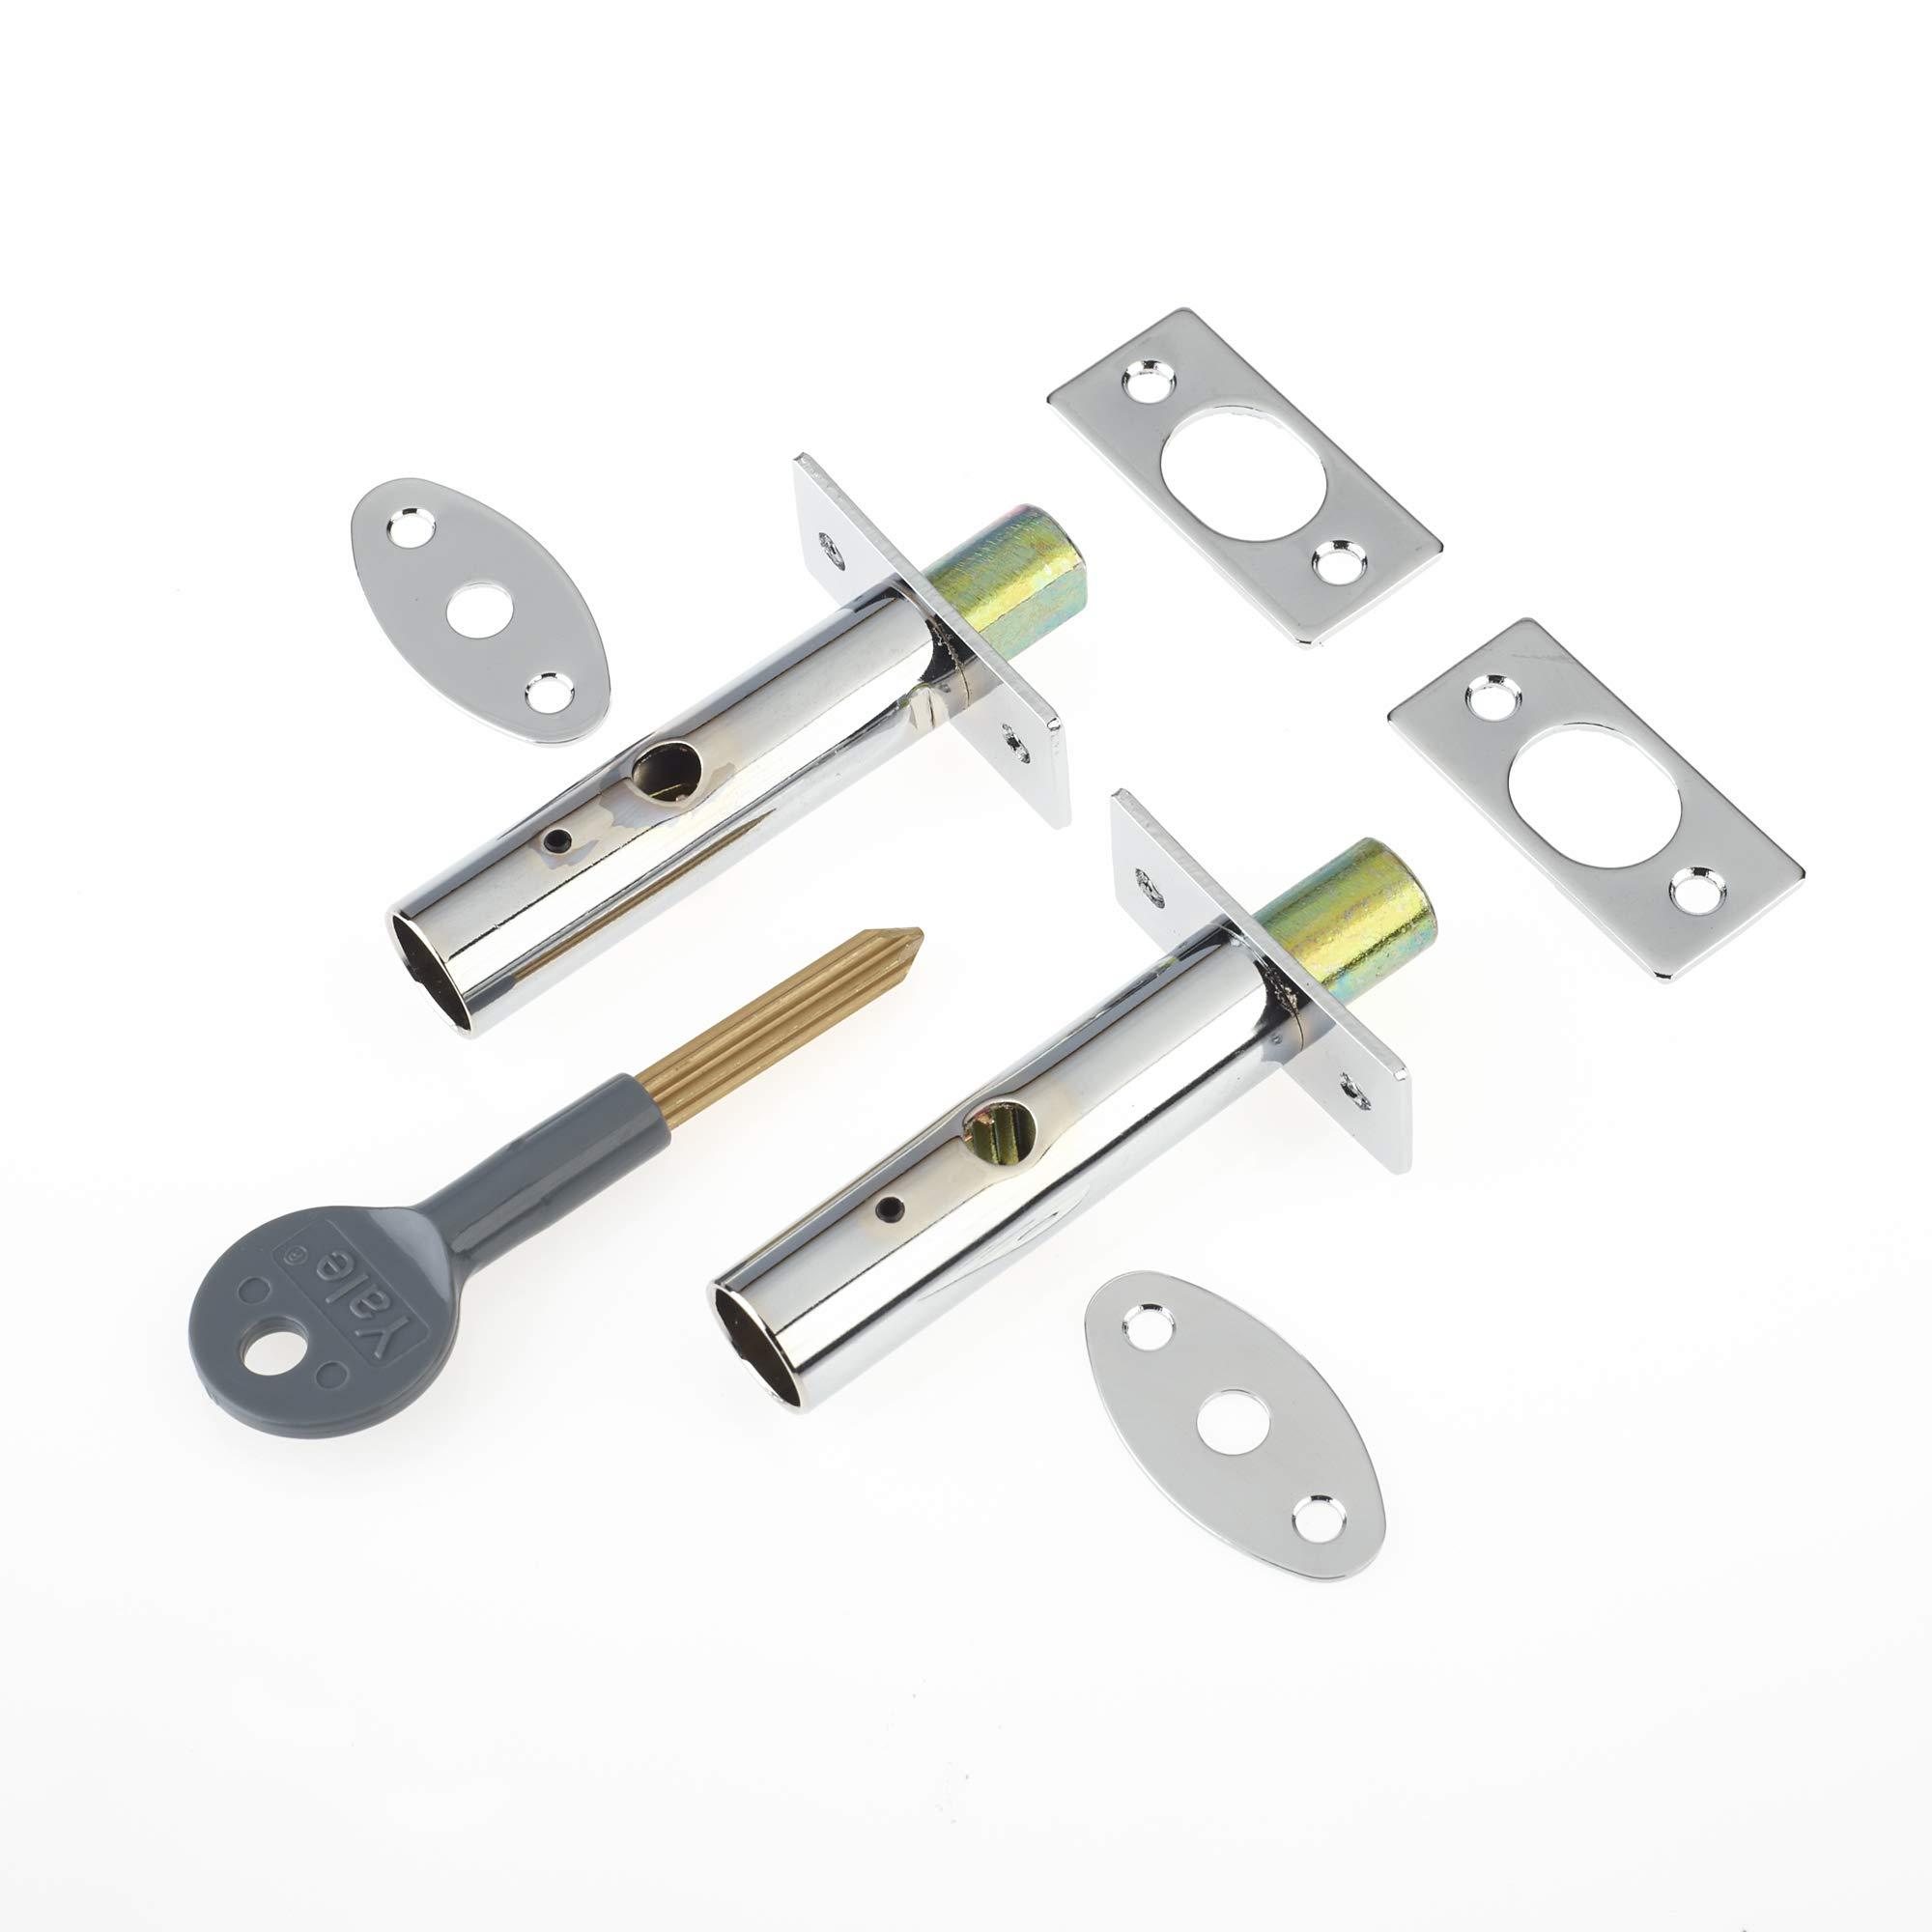 Yale Locks P2PM444CH Visi Pack - Perno de Seguridad Oculto para Puertas (2 Unidades), Color Cromado [Importado de Reino Unido]: Amazon.es: Bricolaje y herramientas